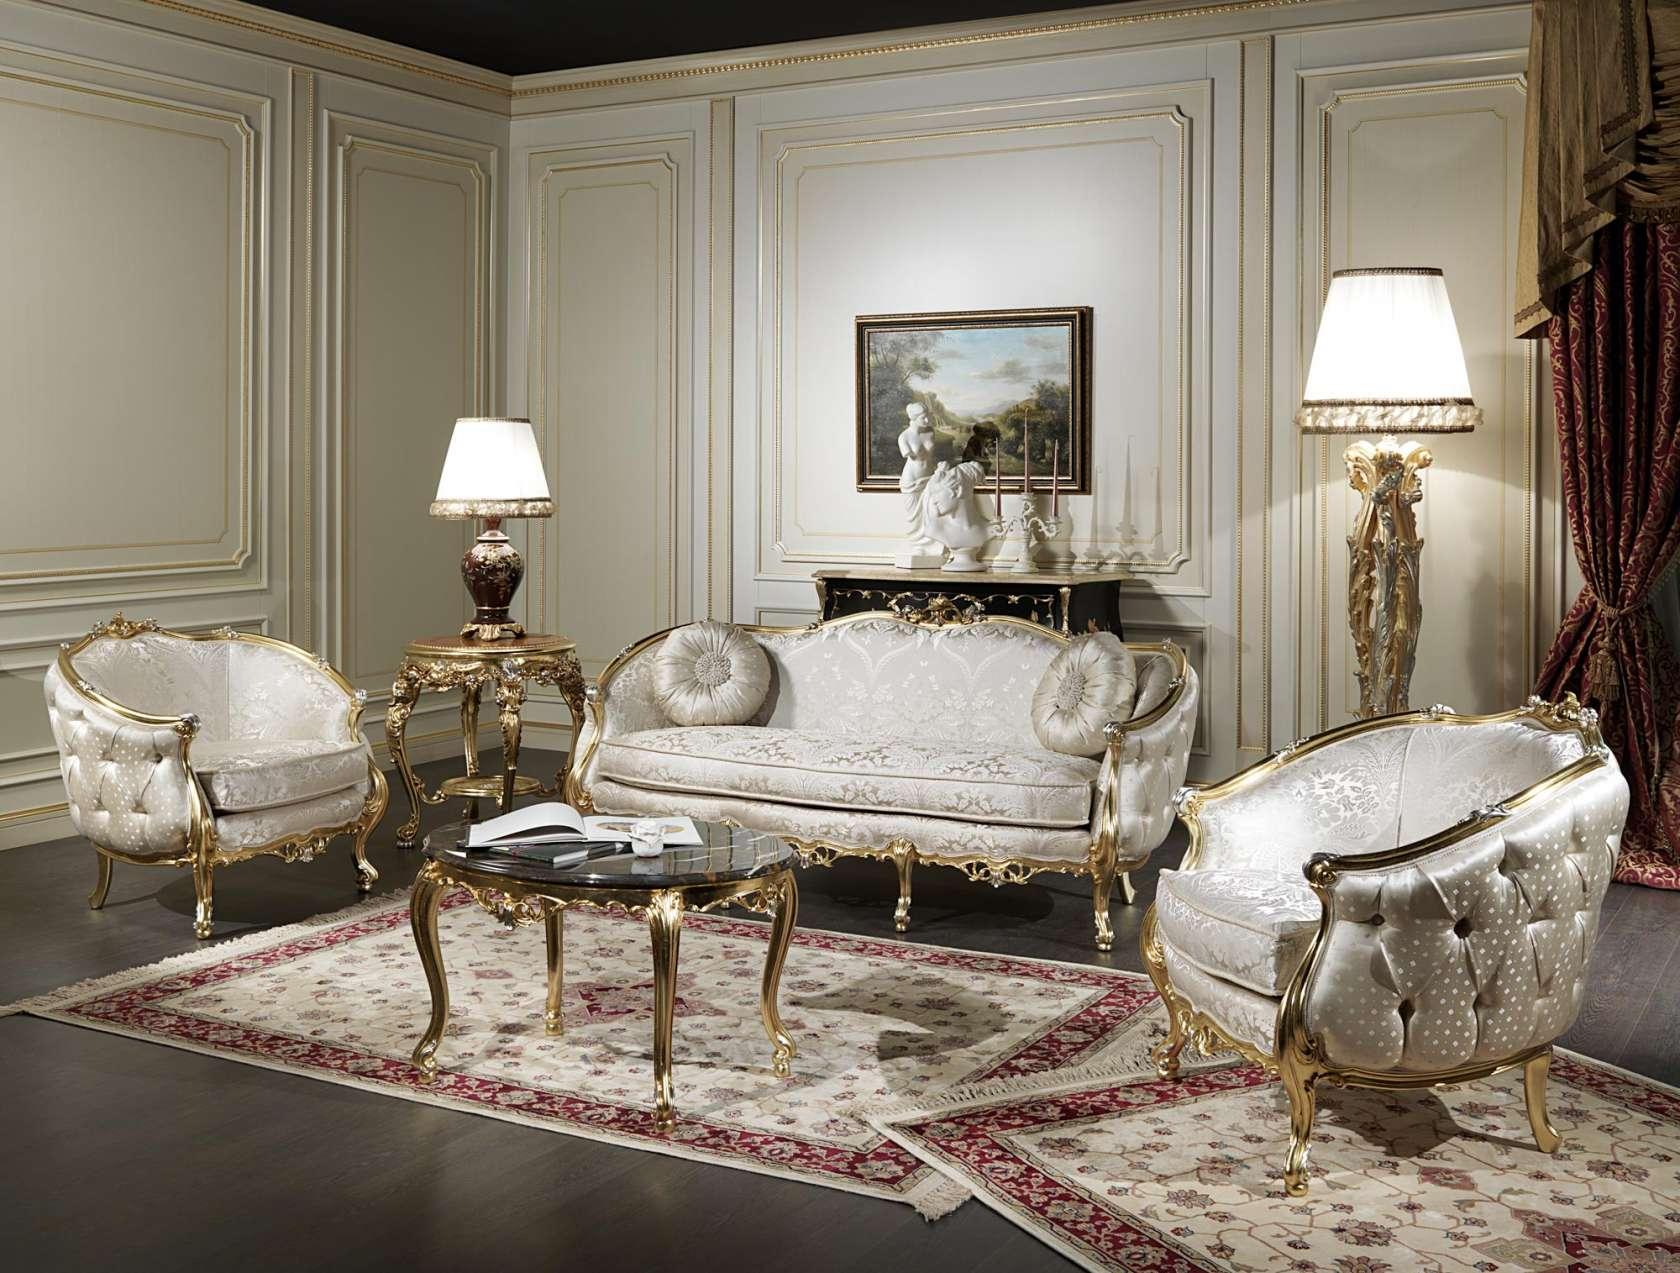 Venezia Luxury Classic Living Room Part 55